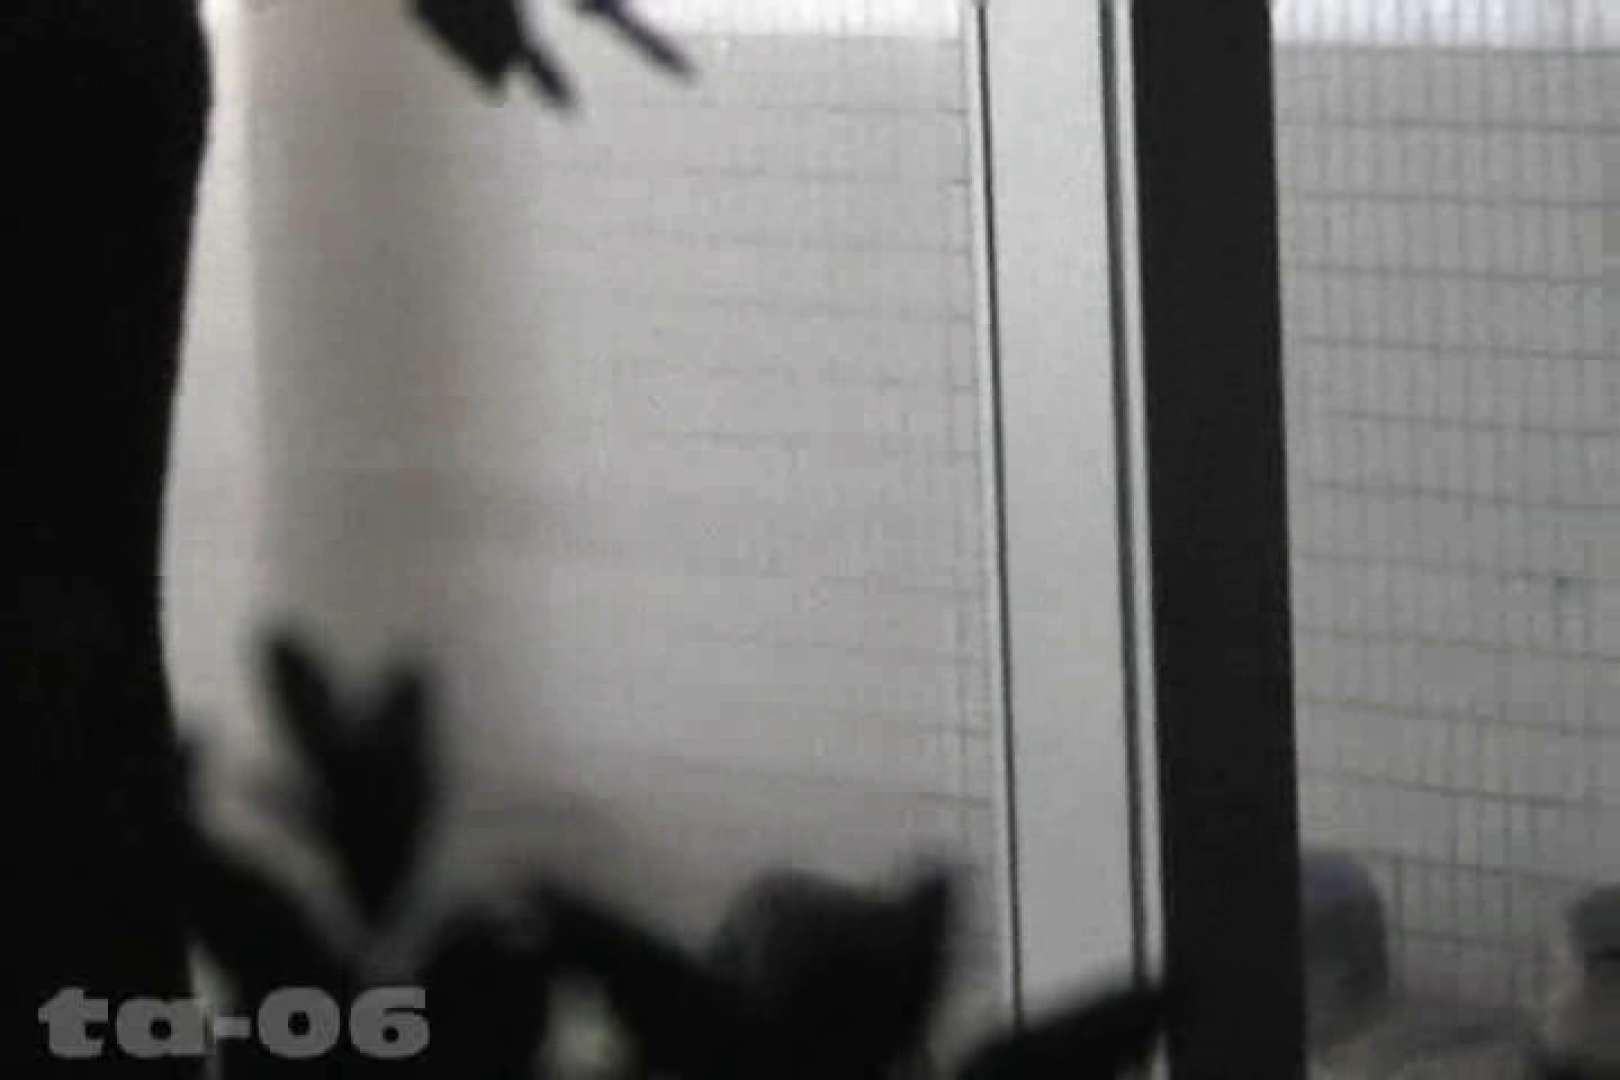 合宿ホテル女風呂盗撮高画質版 Vol.06 女風呂 オメコ動画キャプチャ 107連発 65